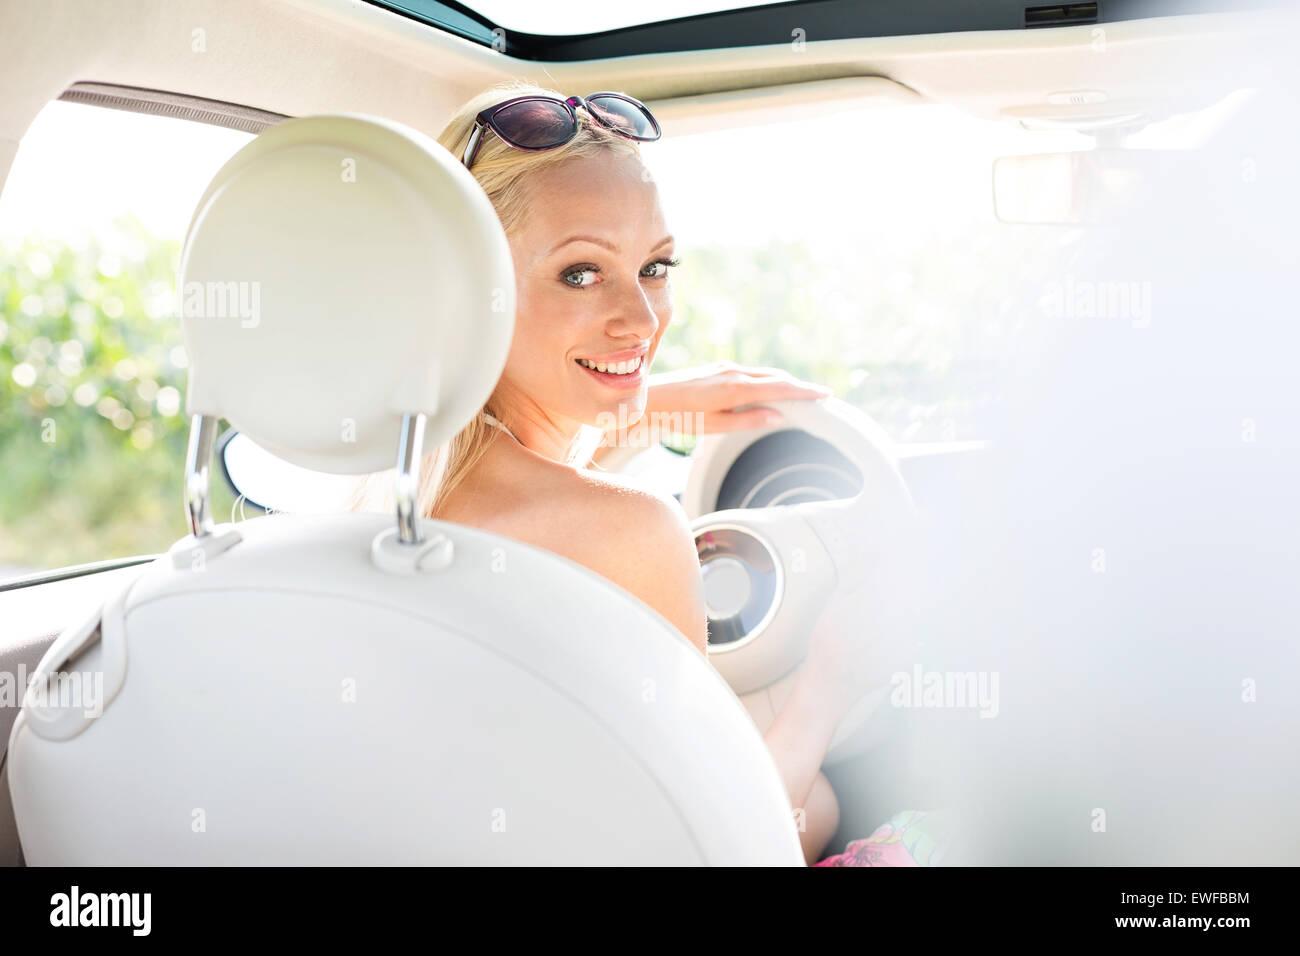 Hintere Ansicht Porträt glücklich Frau Auto fahren Stockbild